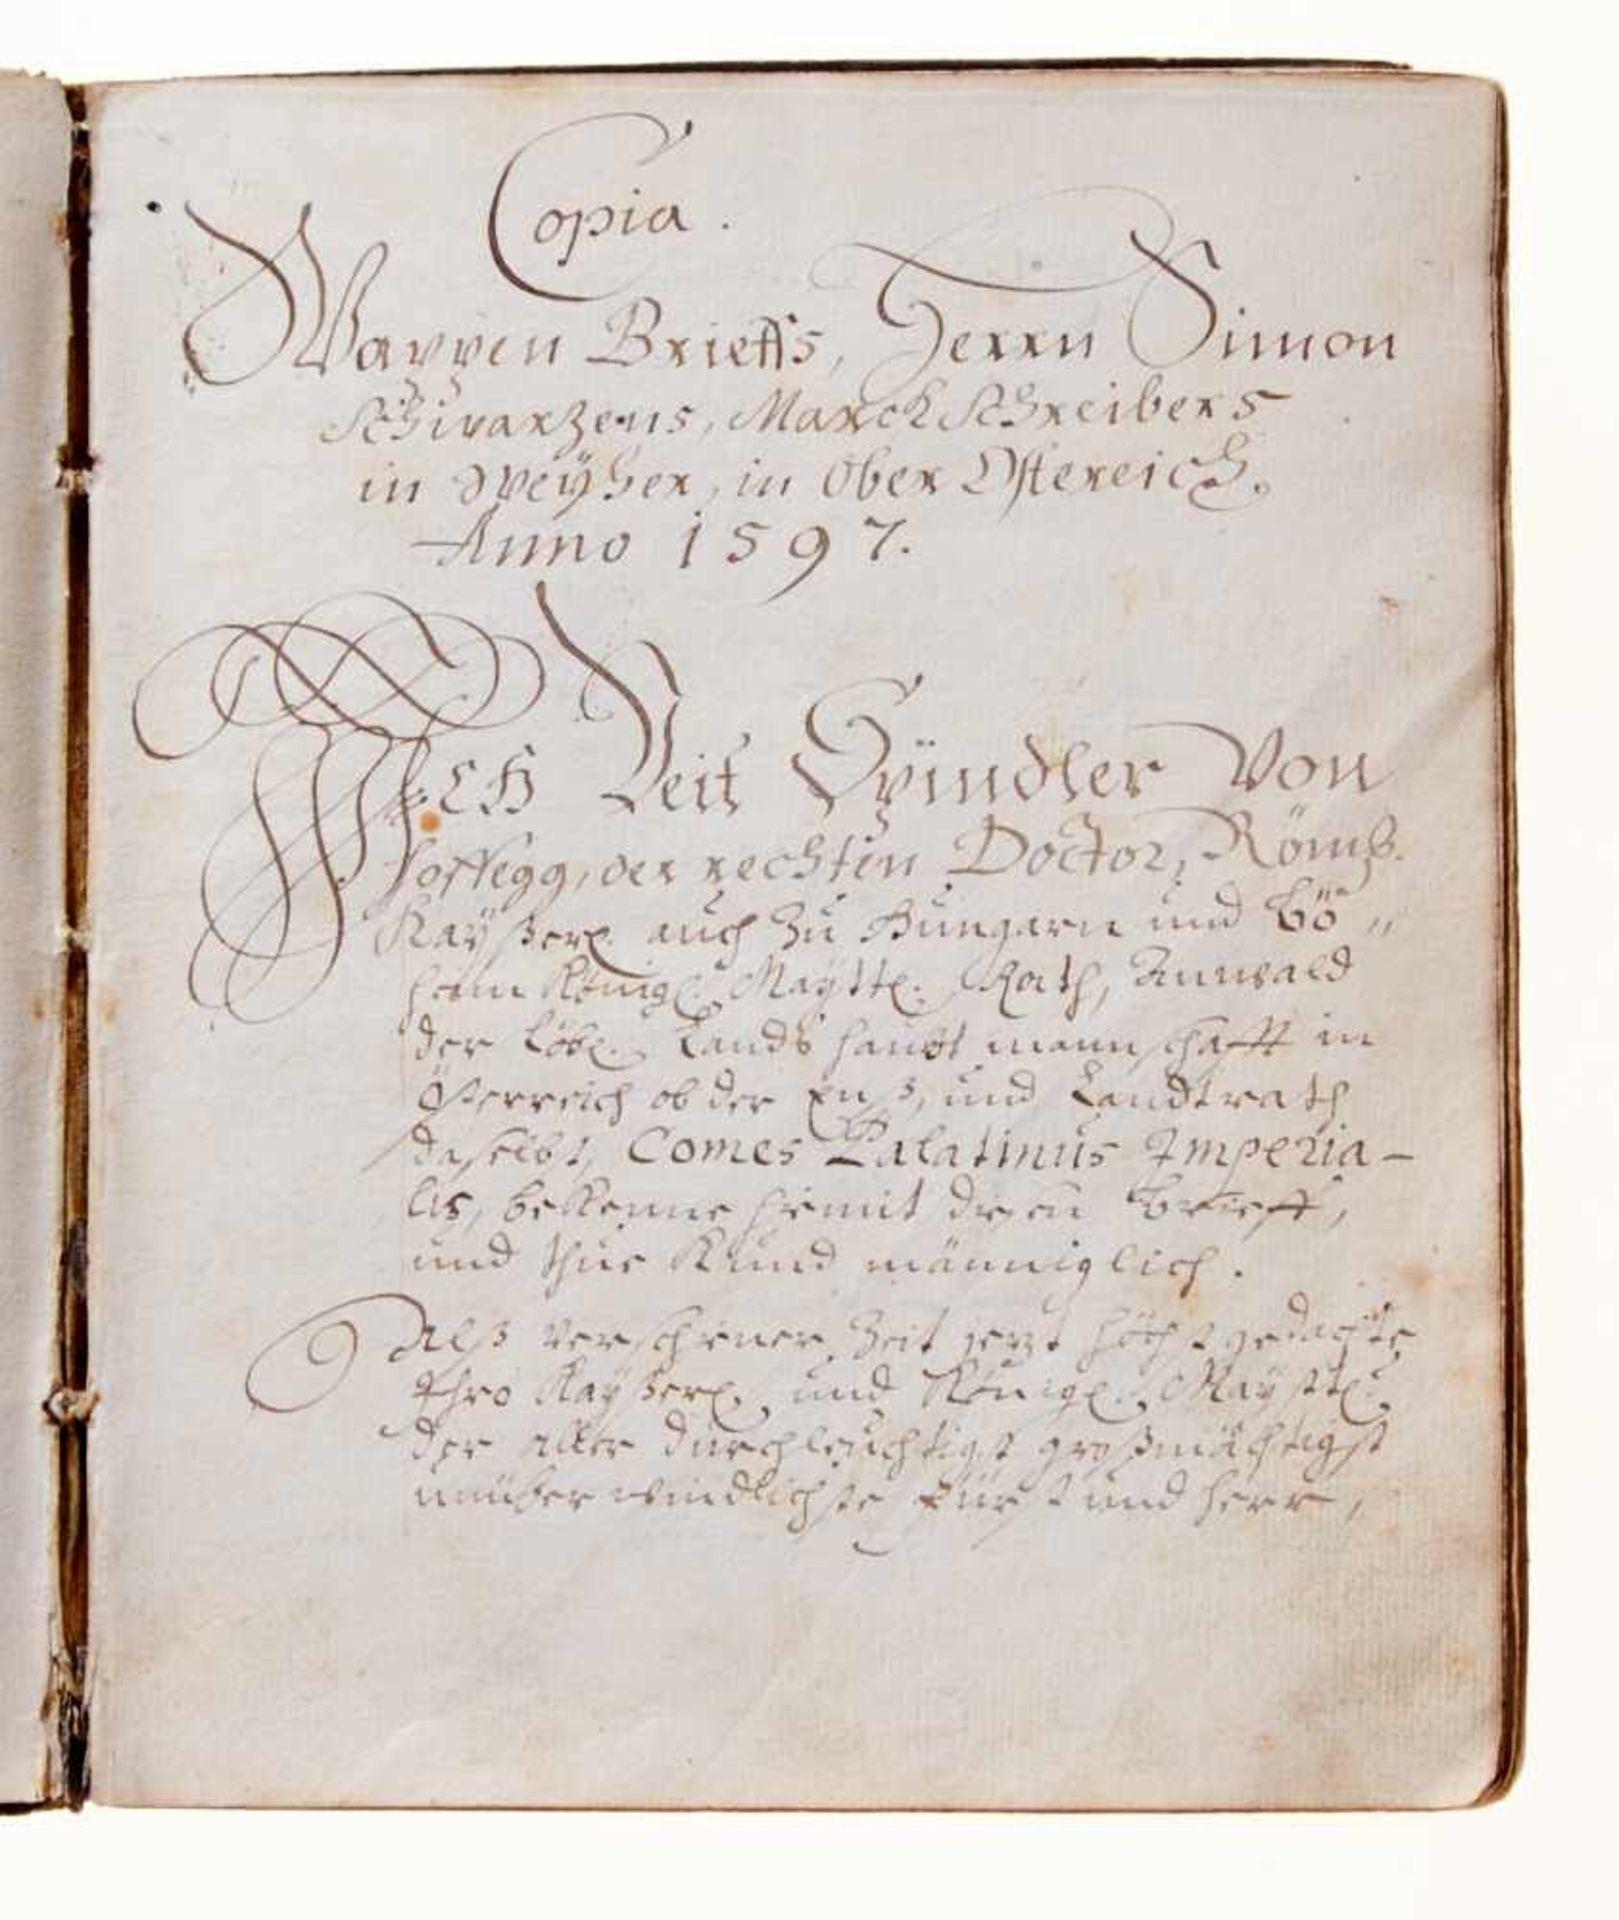 Schwar(t)z- Dokumentation zur Geschichte der Adelsfamilie Schwar(t)z.Deutsche Handschrift auf - Bild 2 aus 4